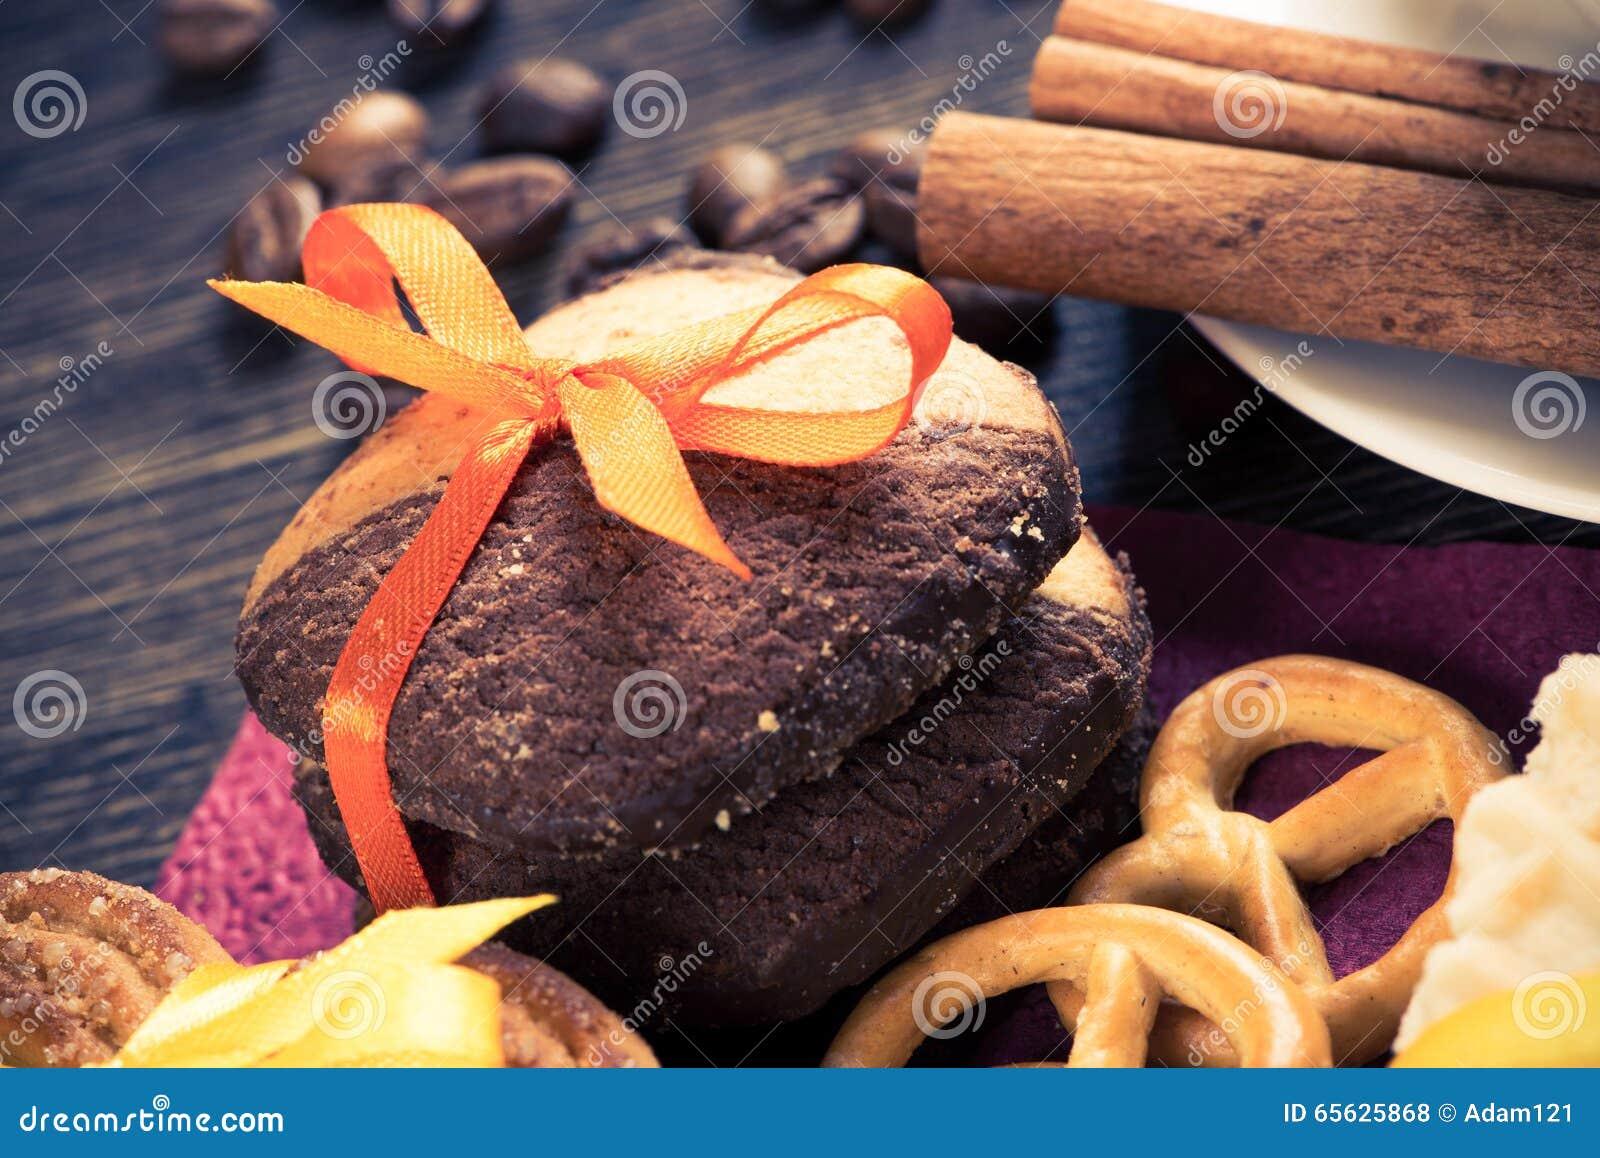 Bonbons pour la pause-café